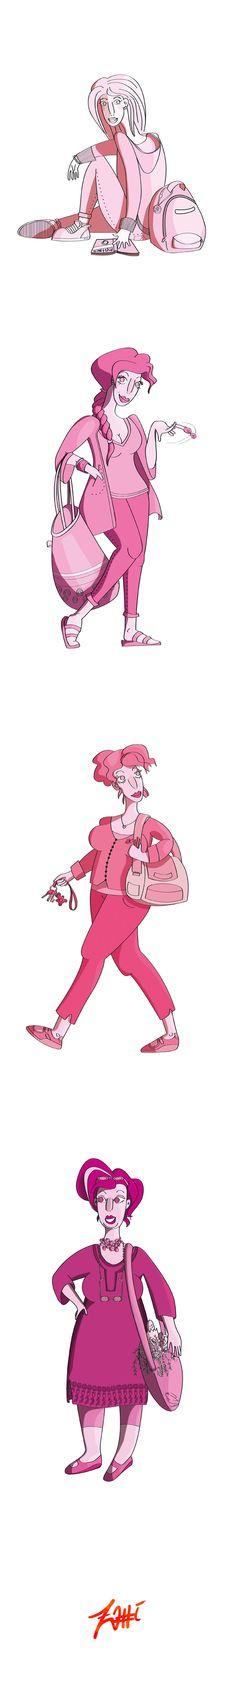 illustrazioni su commissione  illustrazione digitale  zazzi illustratrice  #girls #woman #illustration #digitalpainting